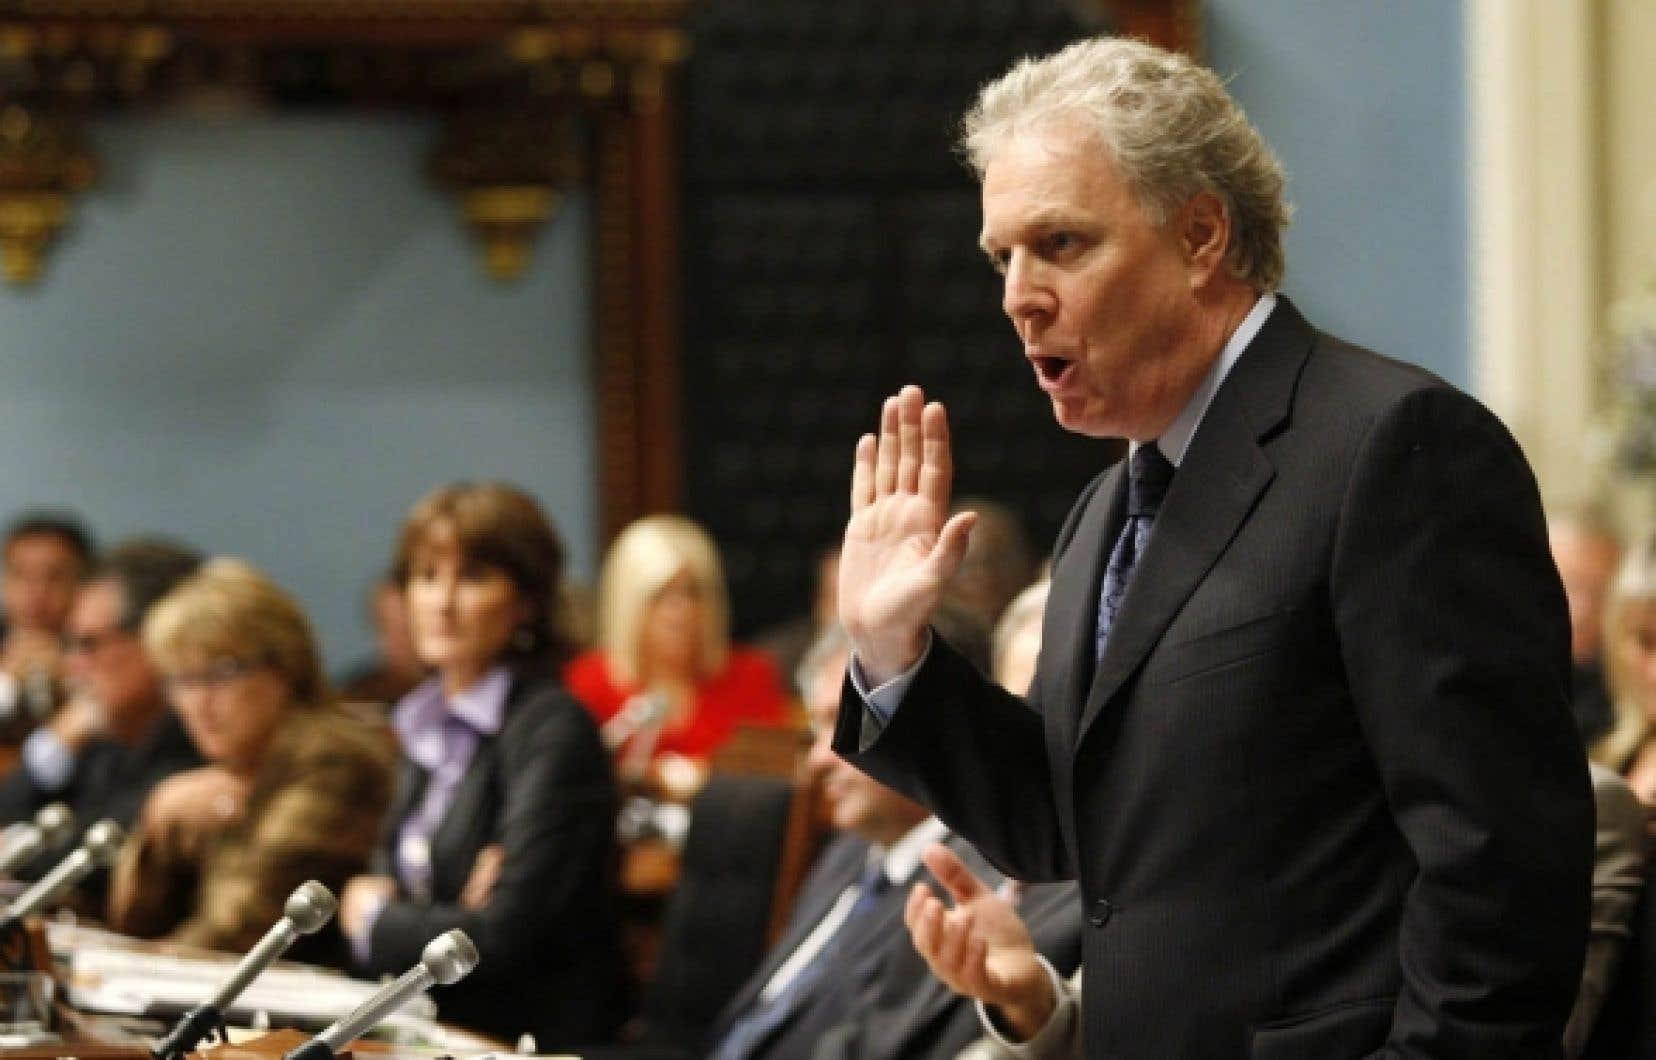 Jean Charest affirme qu'il va réfléchir à la façon de présenter les enjeux qui concernent le Québec lors de la campagne électorale qui s'annonce. <br />